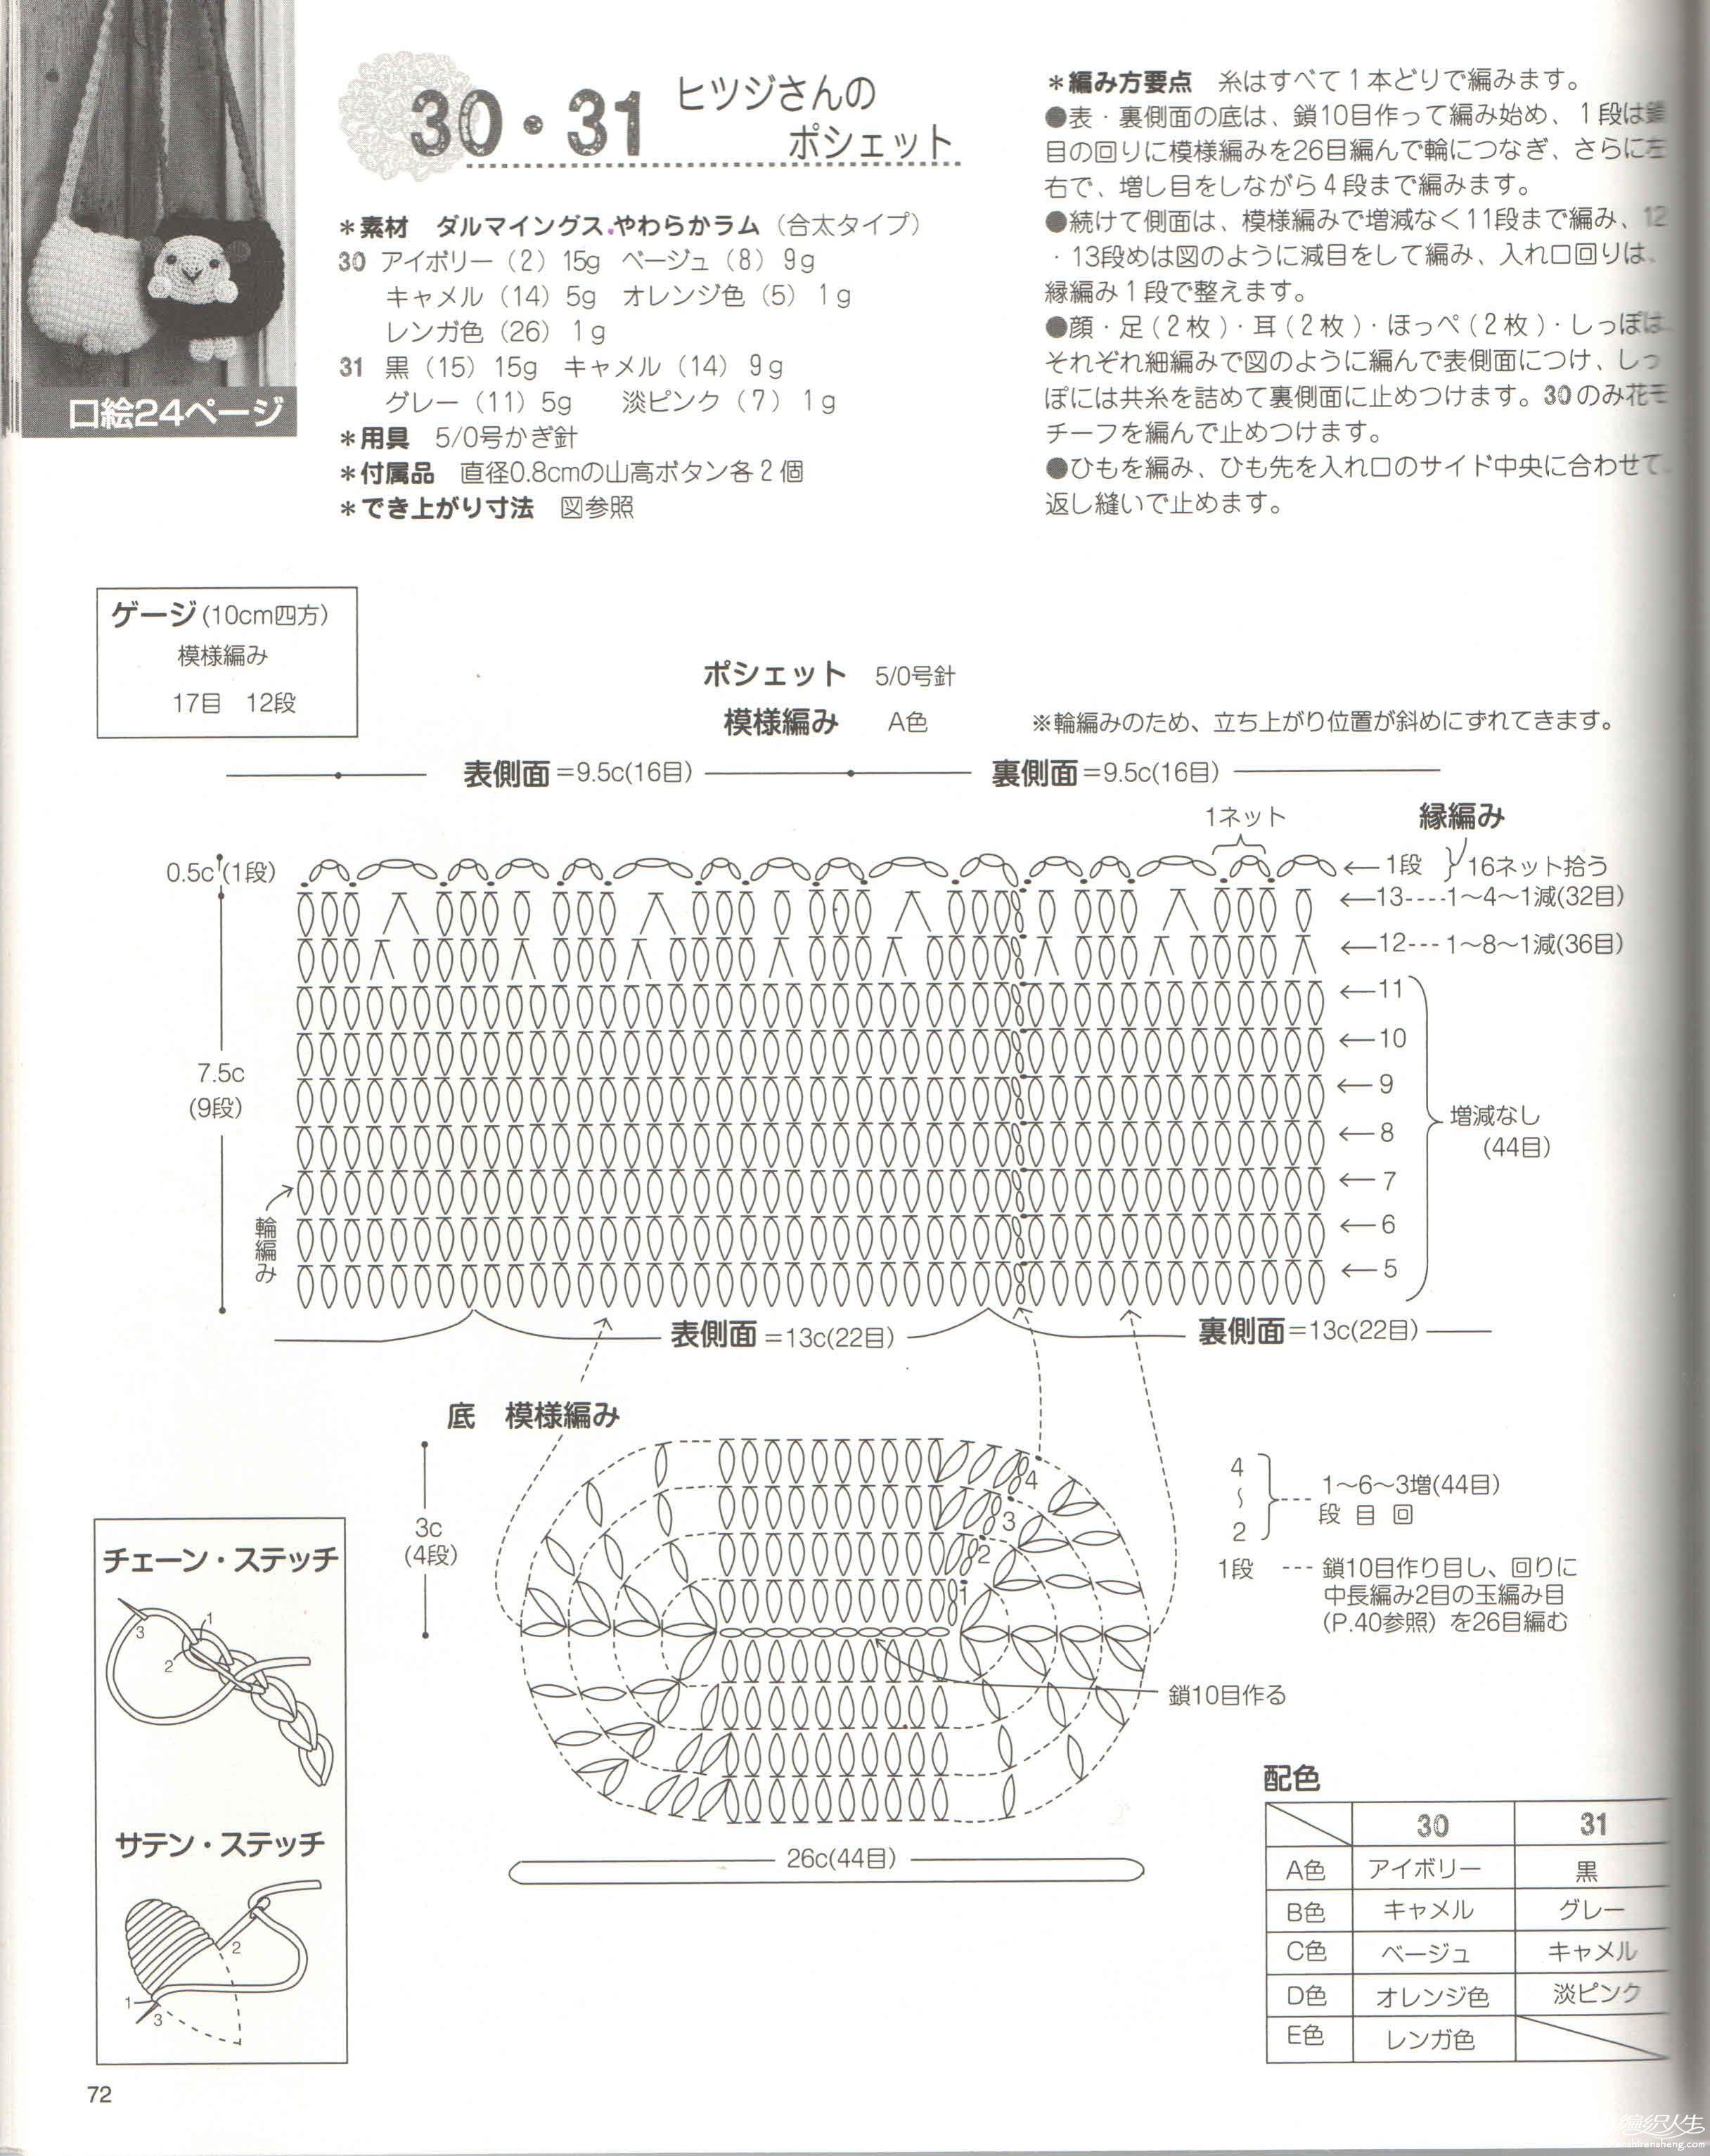 0092-2.jpg